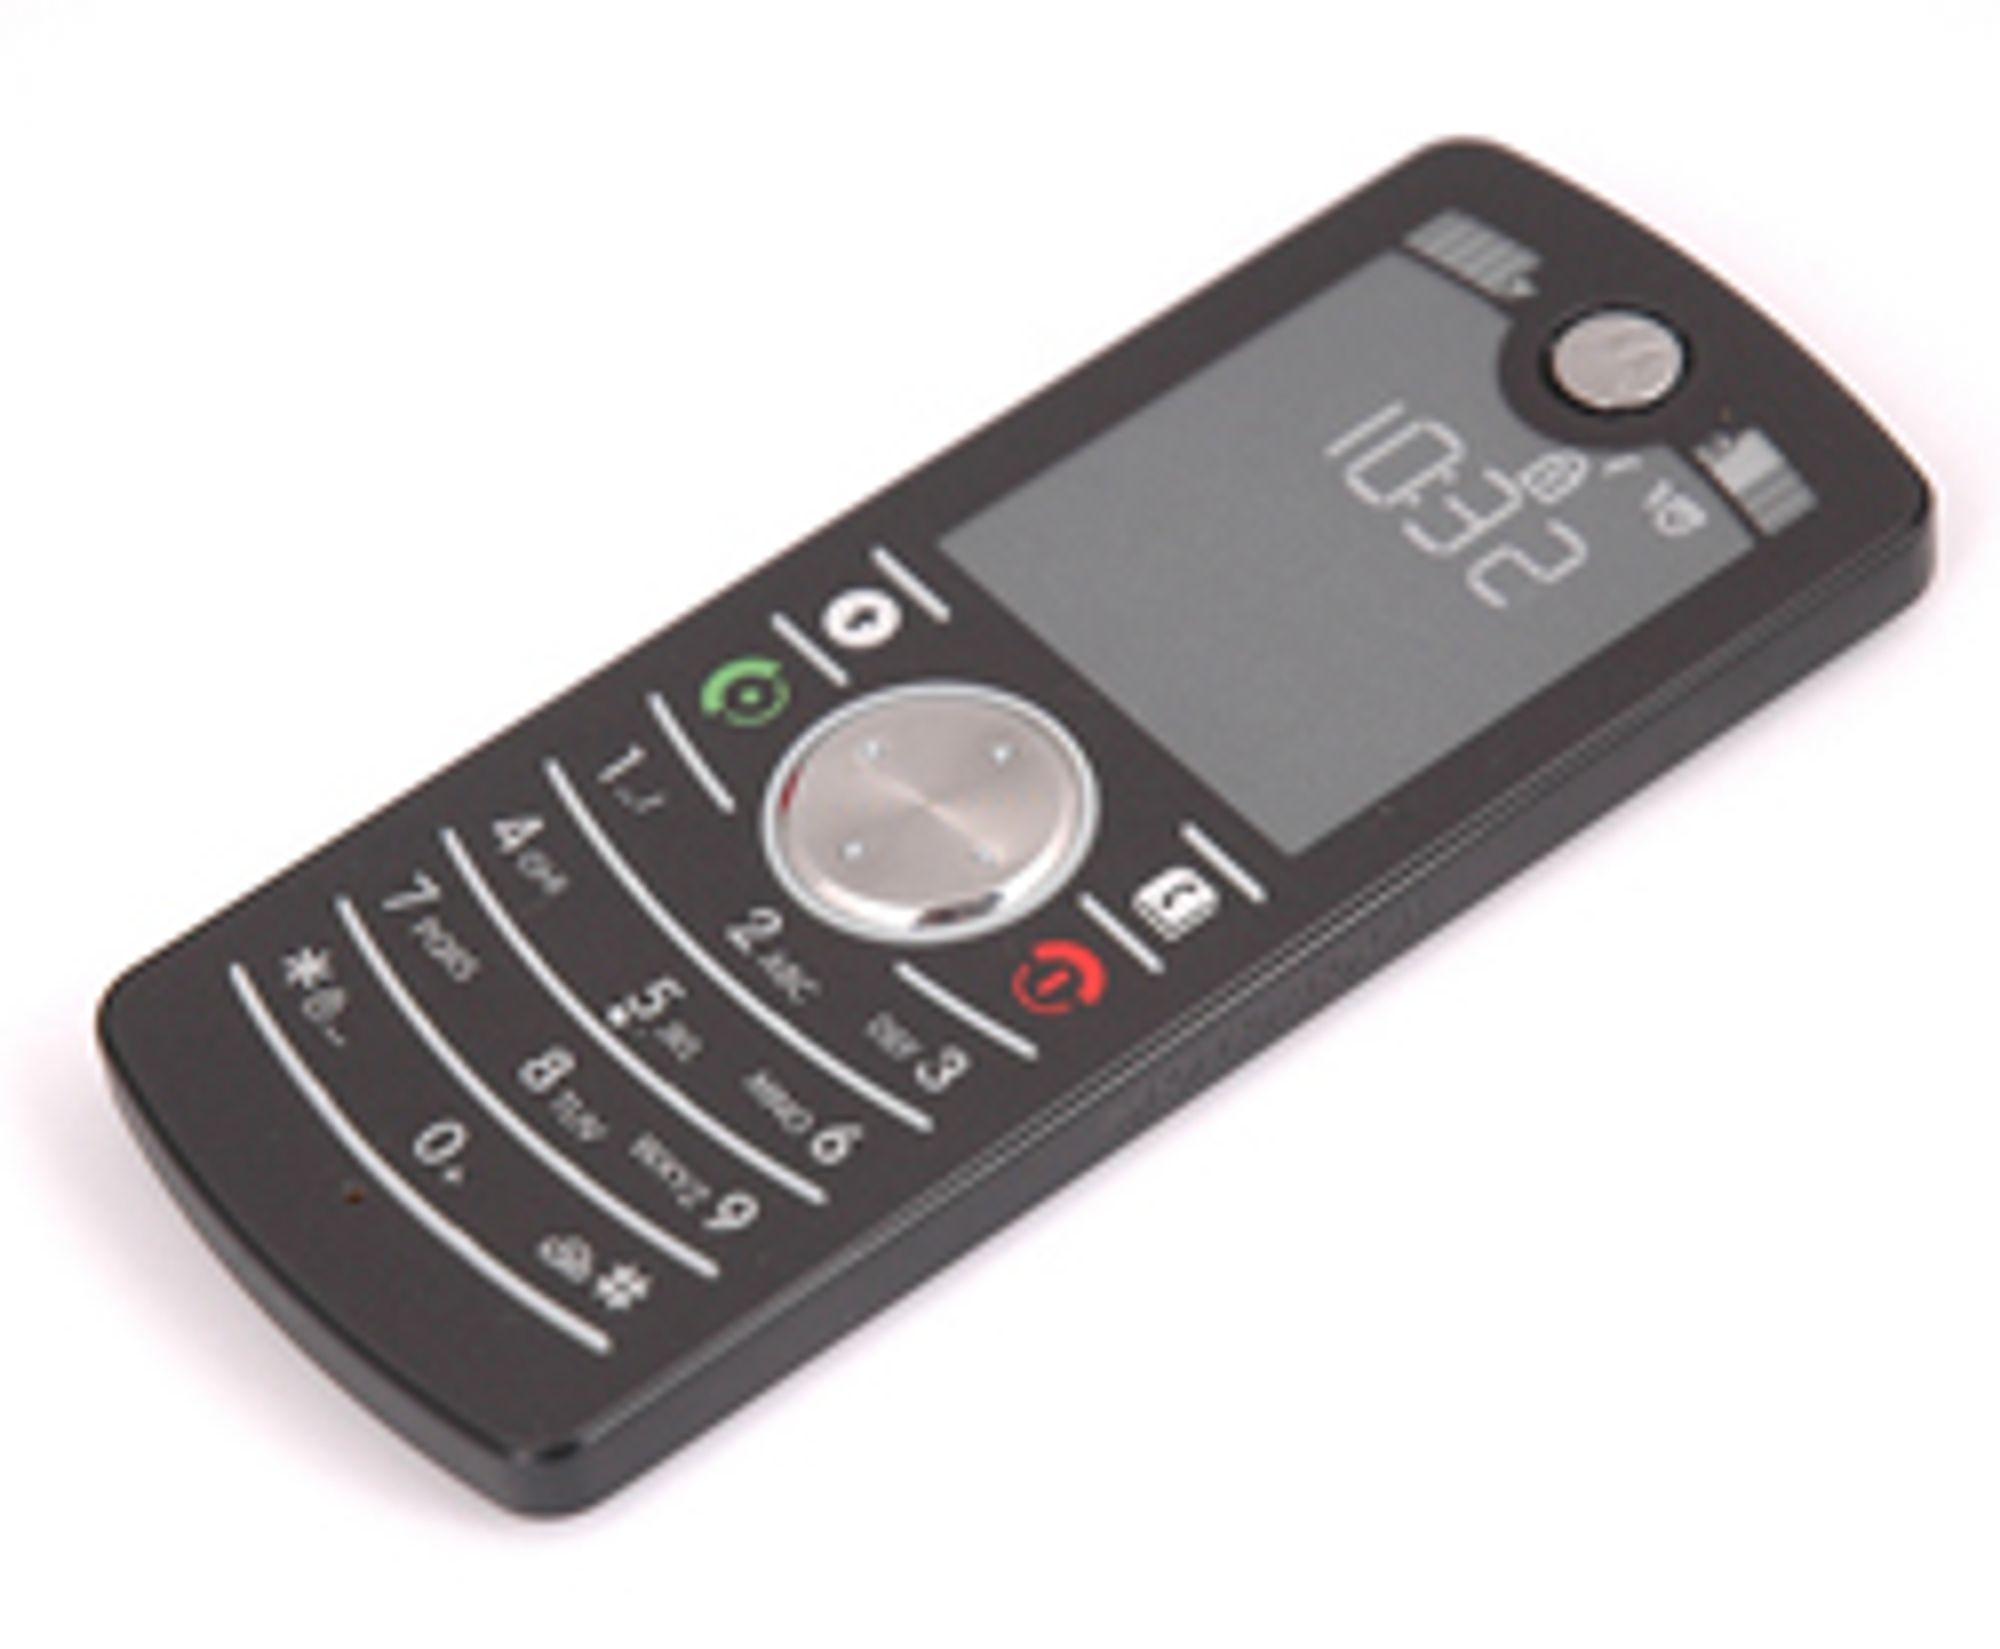 Dette er den billigste mobiltelefonen du får kjøpt. (Foto: Marius Valle)